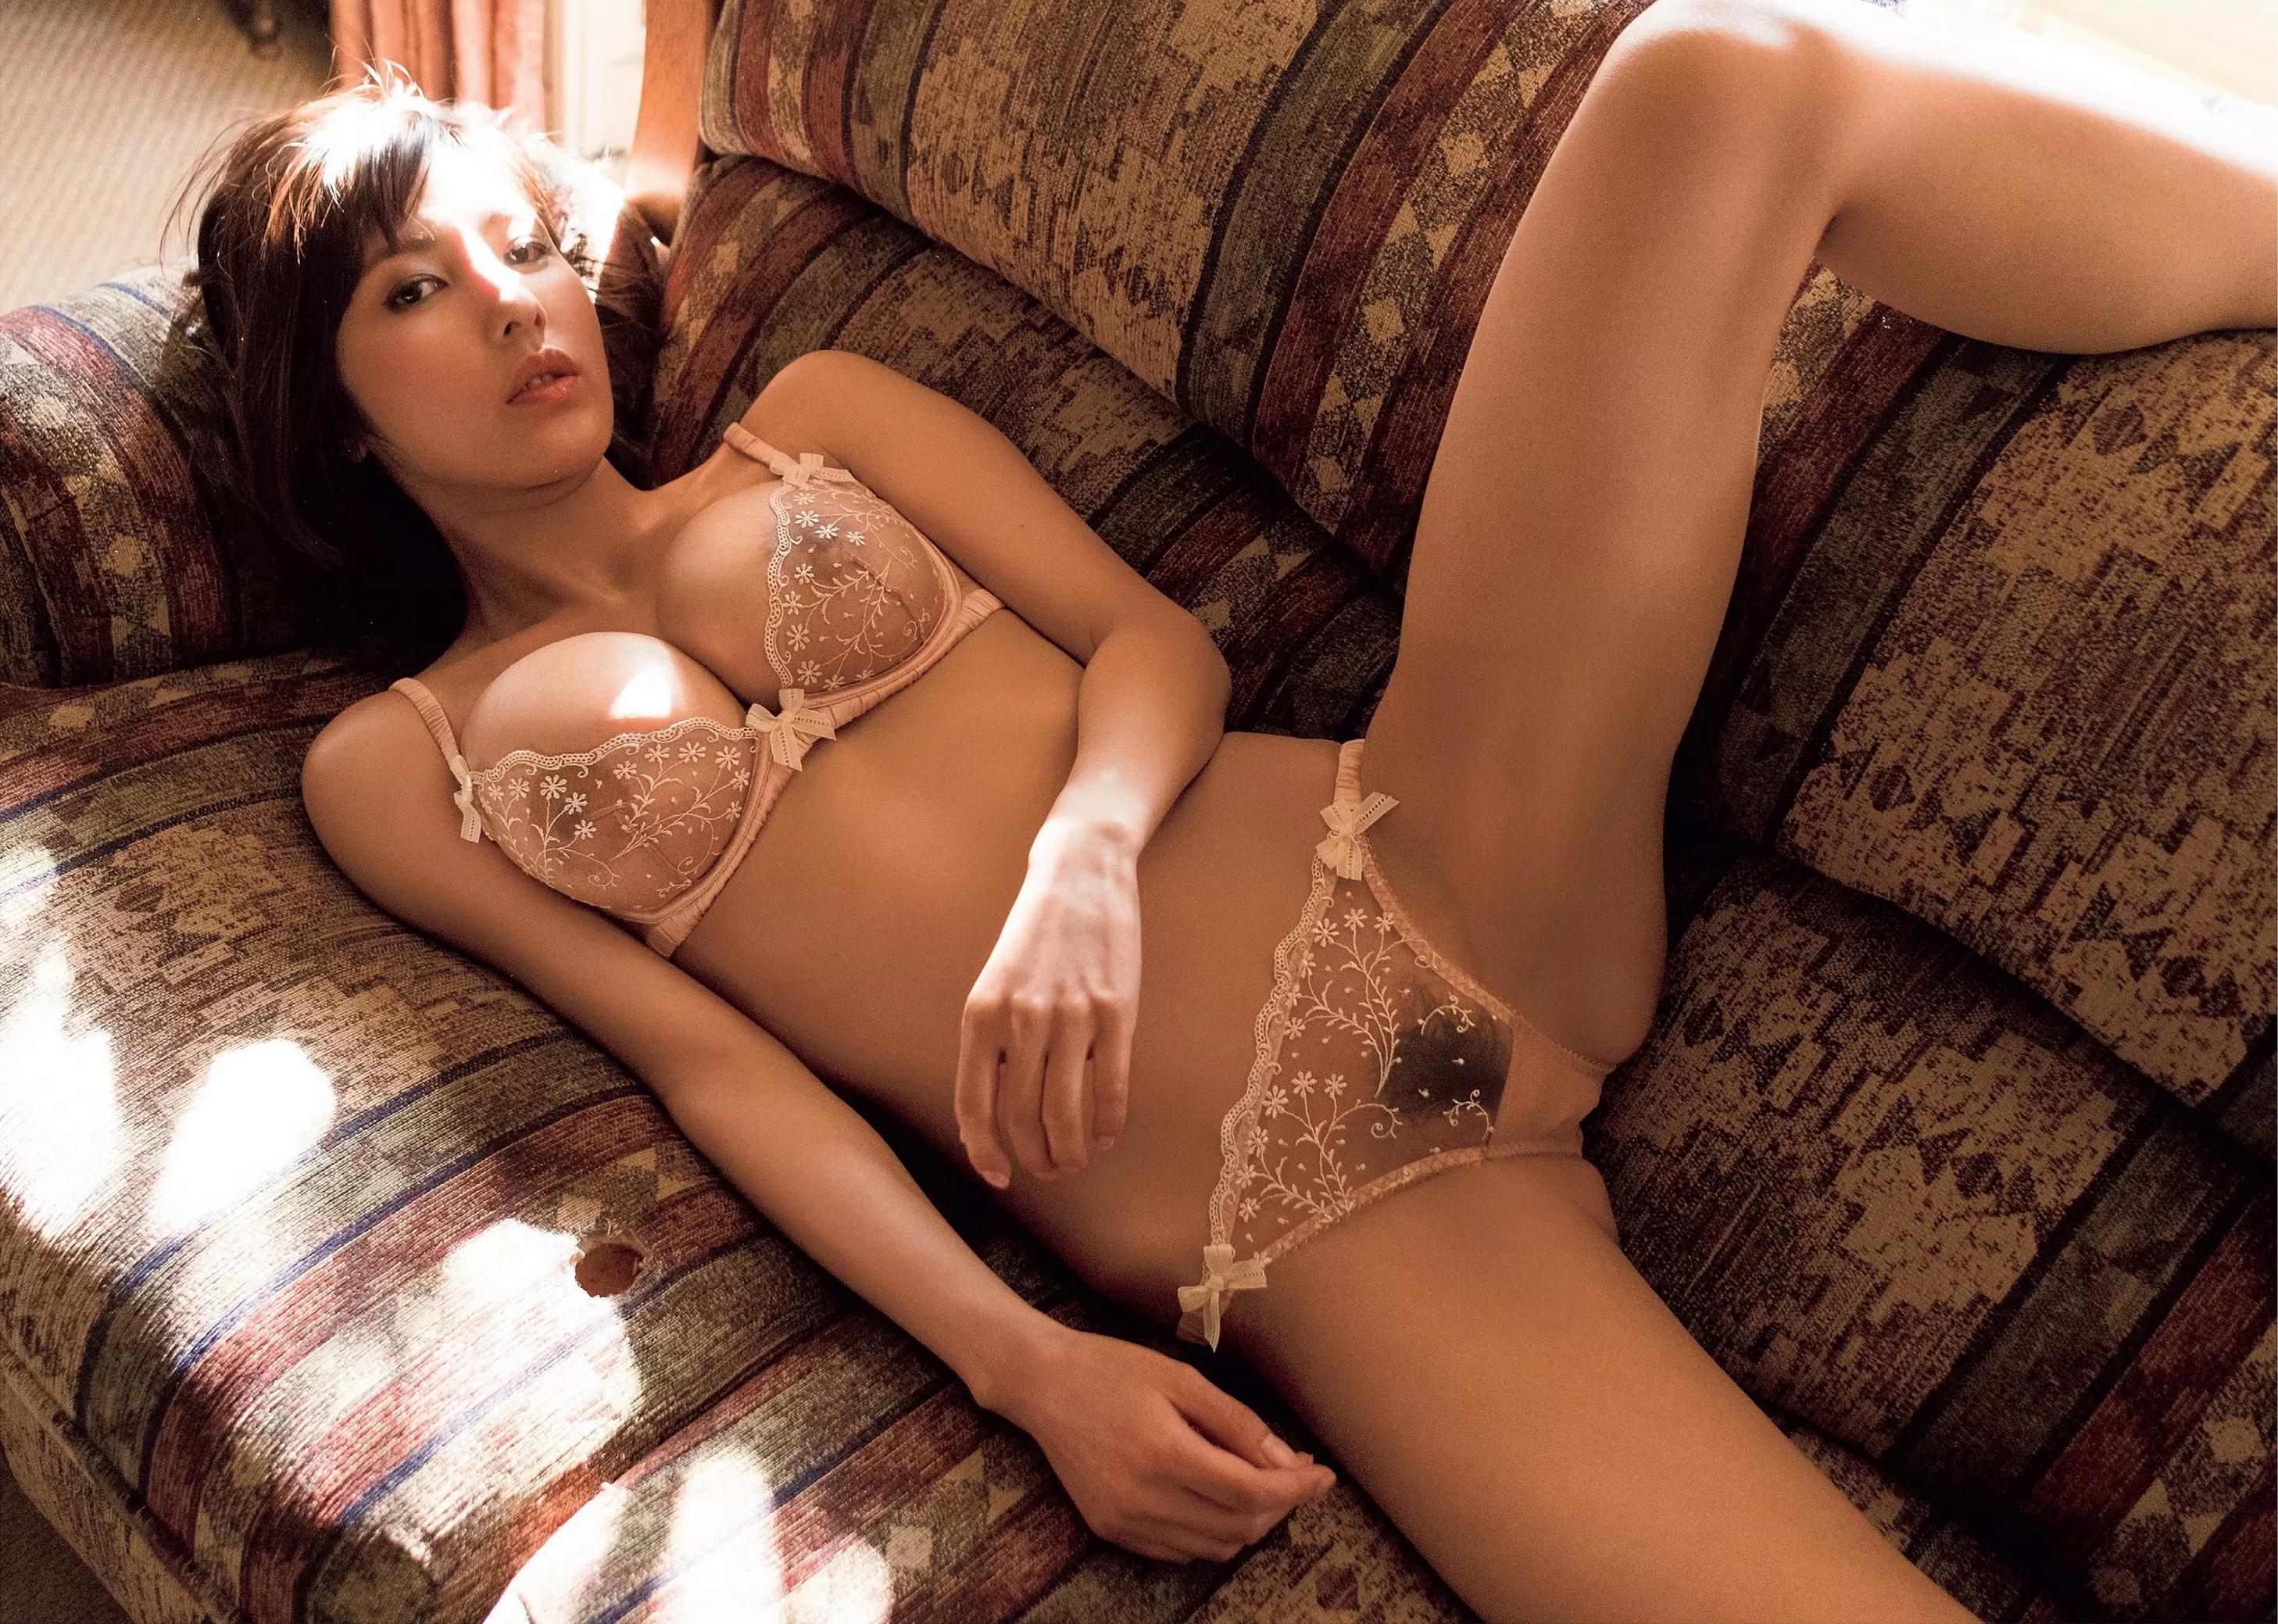 【ヌード画像】女優・渡辺万美(29)地獄の全裸濡れ場おっさんとSEXが凄い嫌そう…顔を歪めて嫌悪感丸出し…